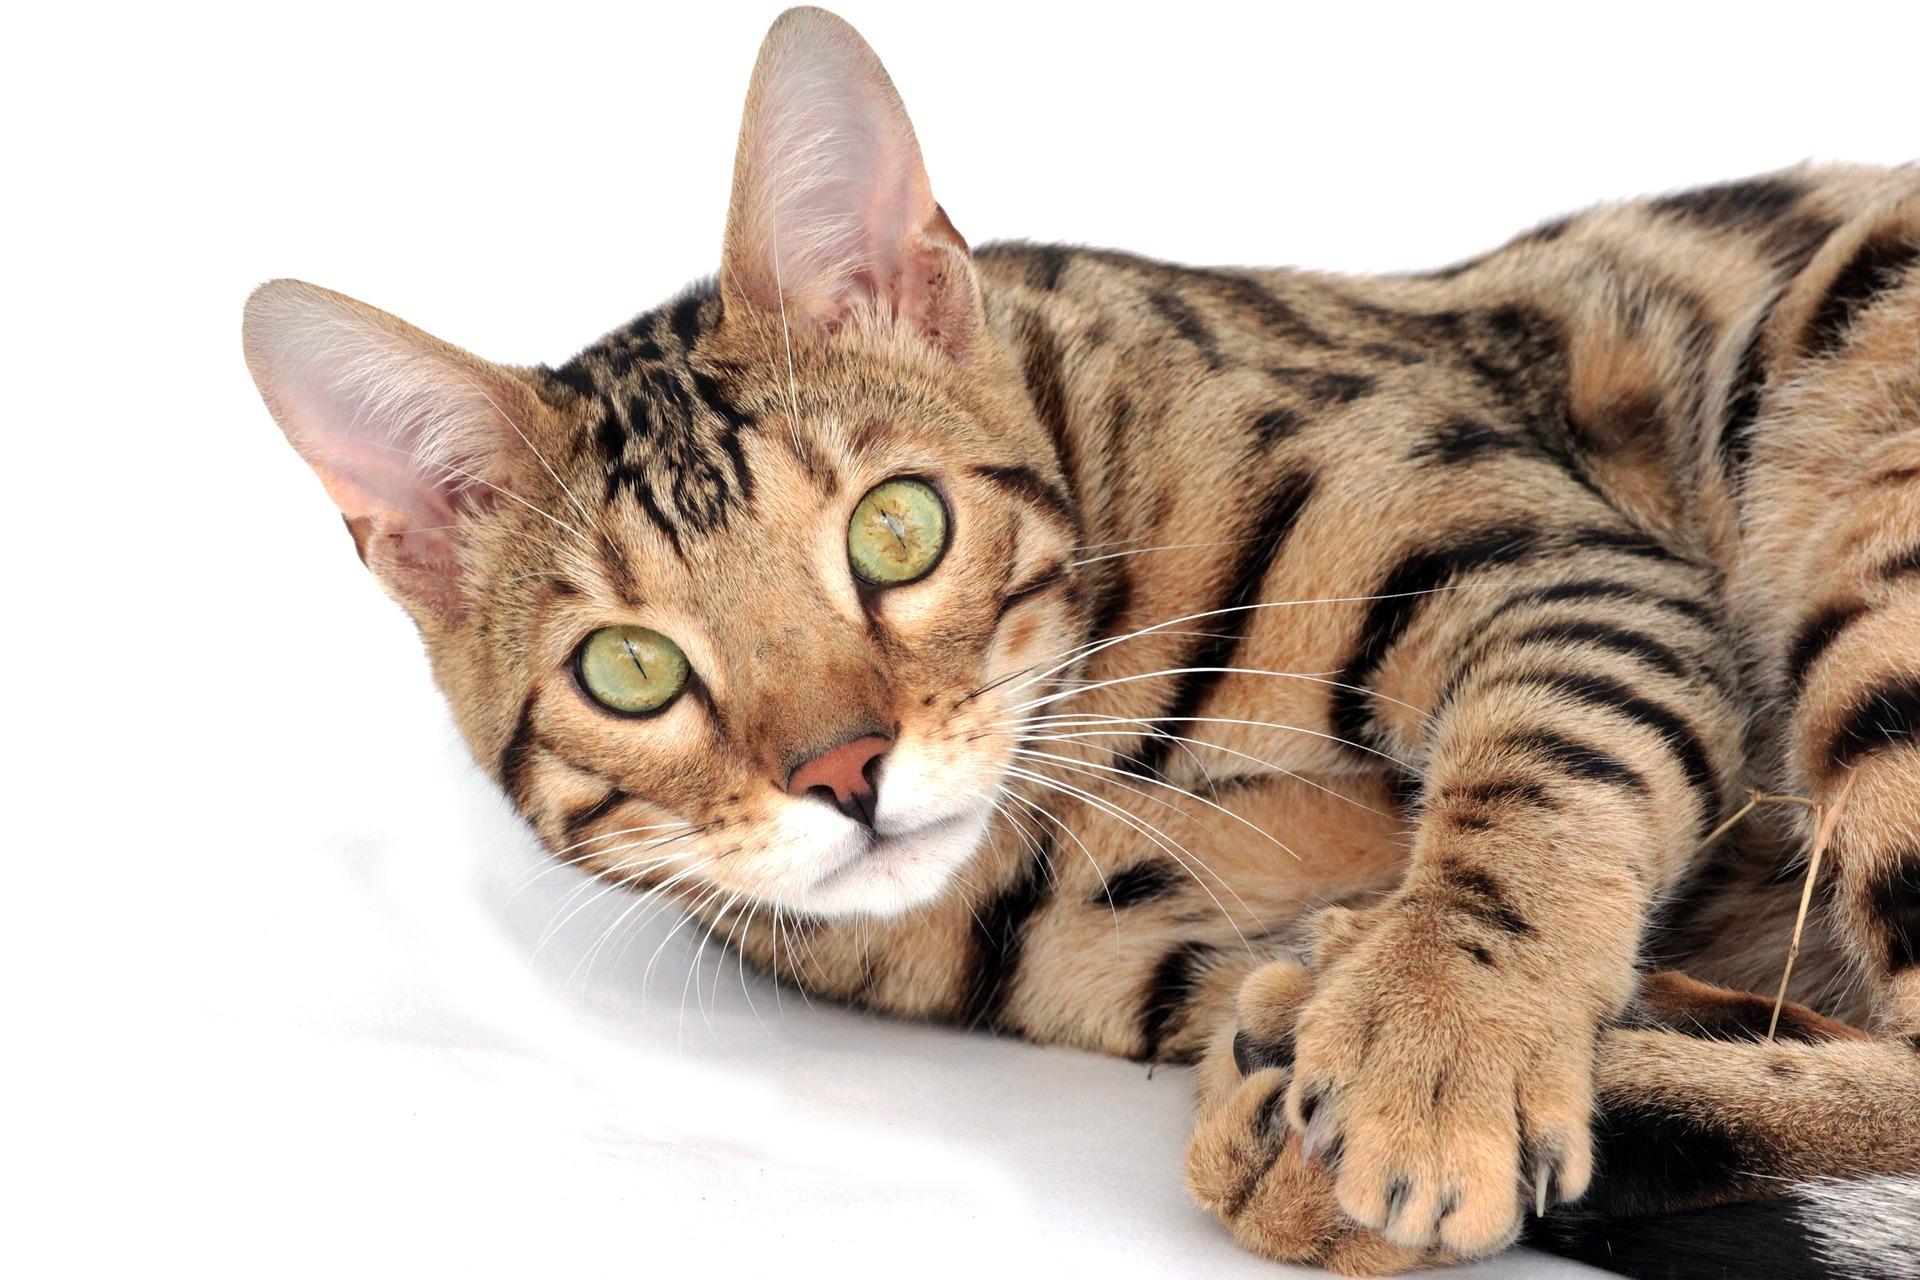 Jako duża rasa kotów, koty bengalskie potrzebują dużego drapaka i odpowiedniej diety, bogatej w wysoką zawartość białka pochodzenia zwierzęcego.